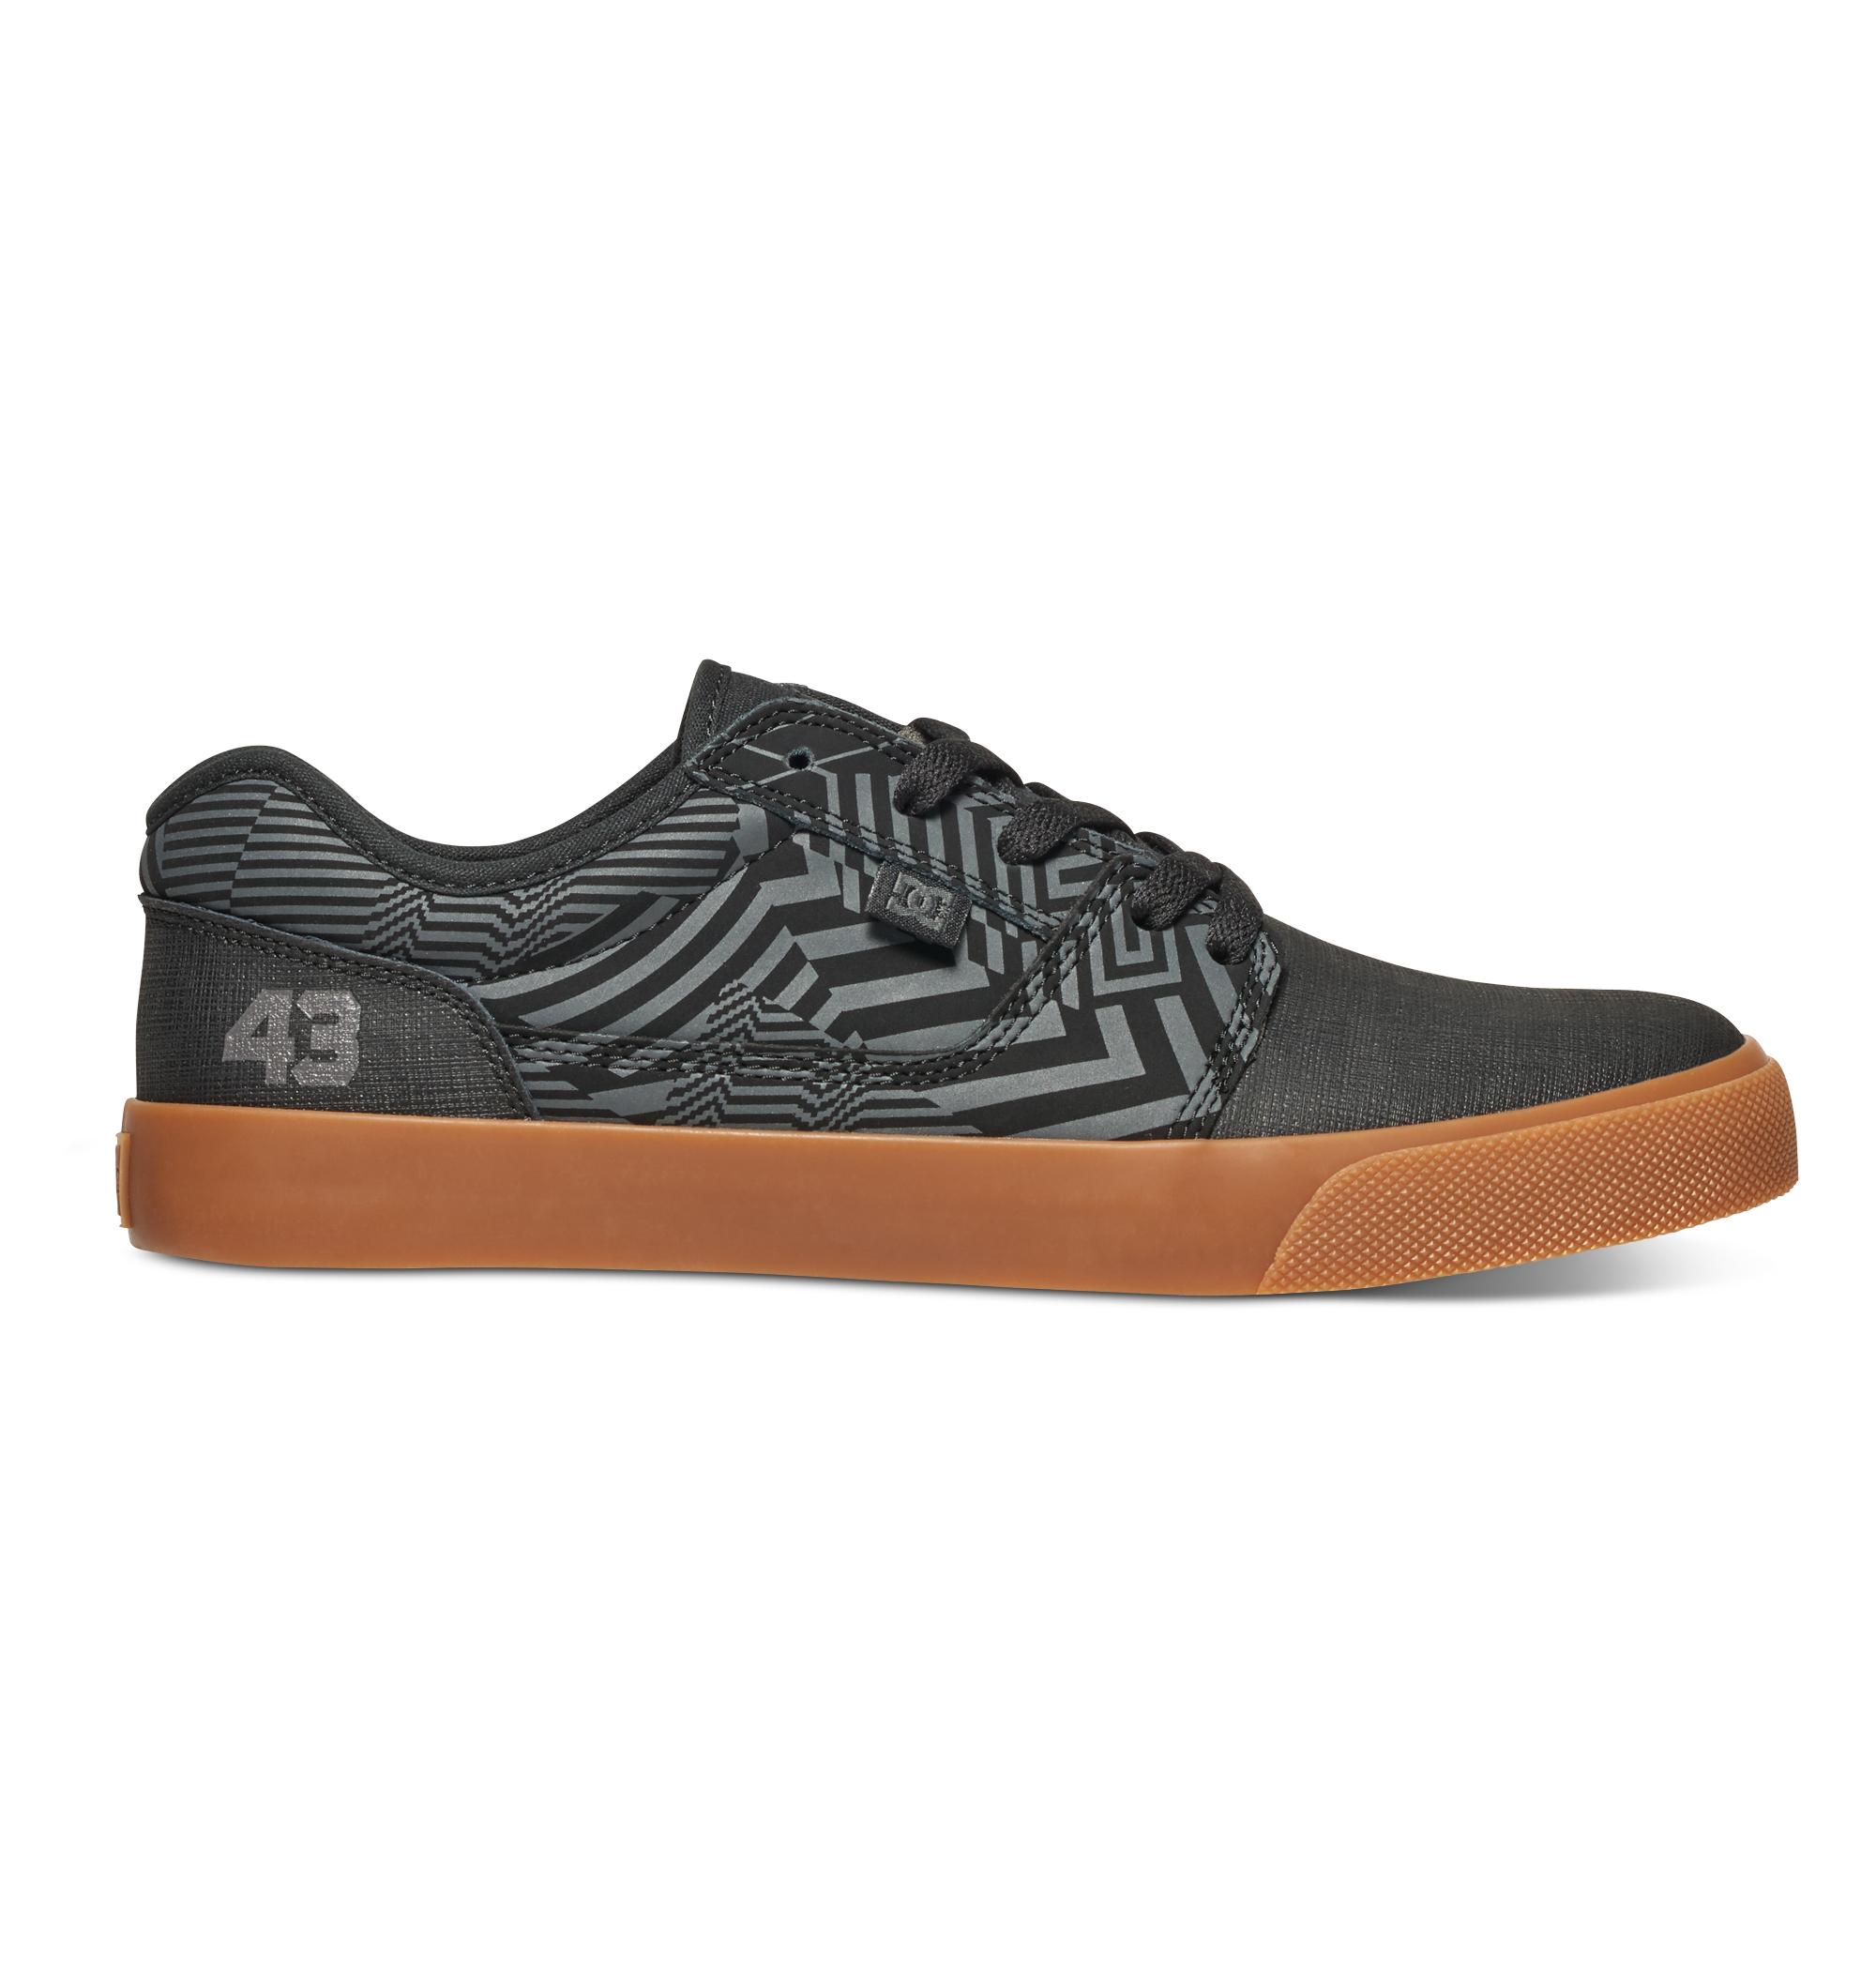 dc shoes ken block collection